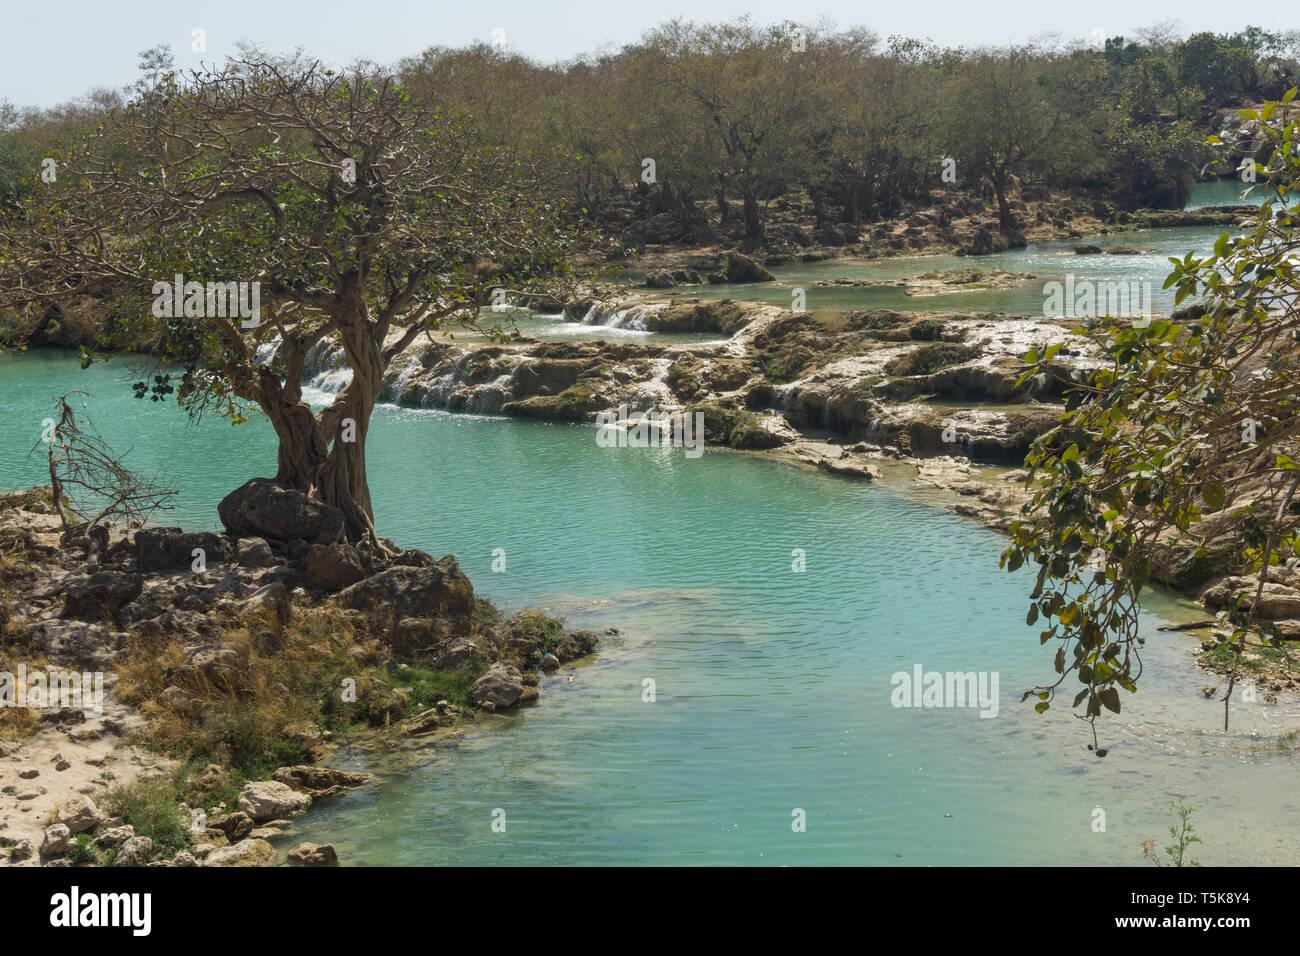 Wadi Darbat, Dhorfar region, Oman Stock Photo